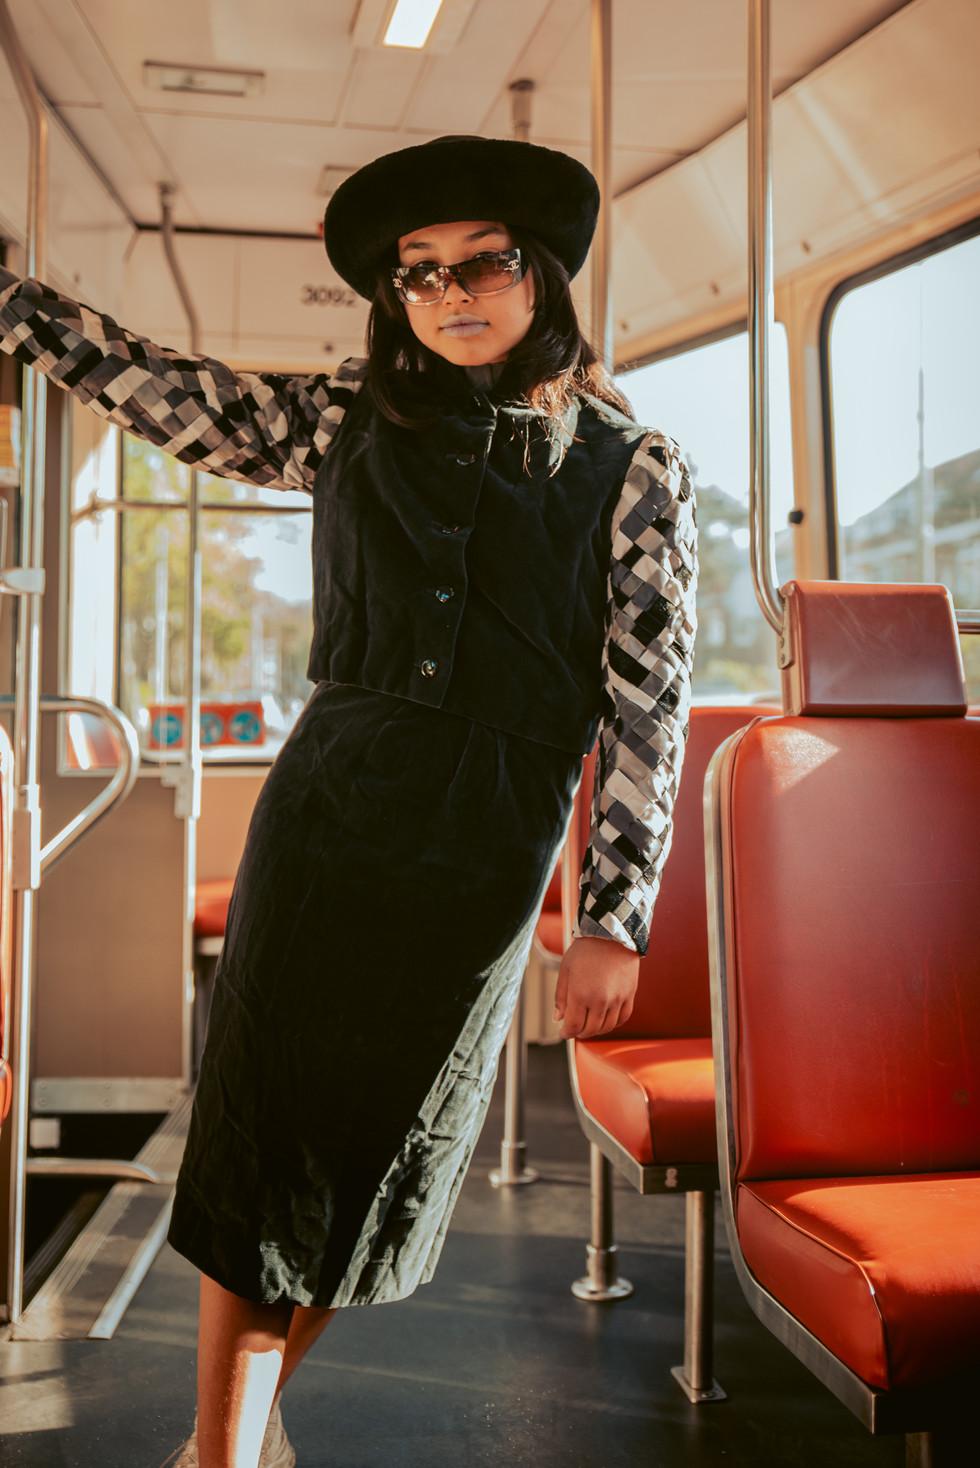 tram_dv-20.jpg